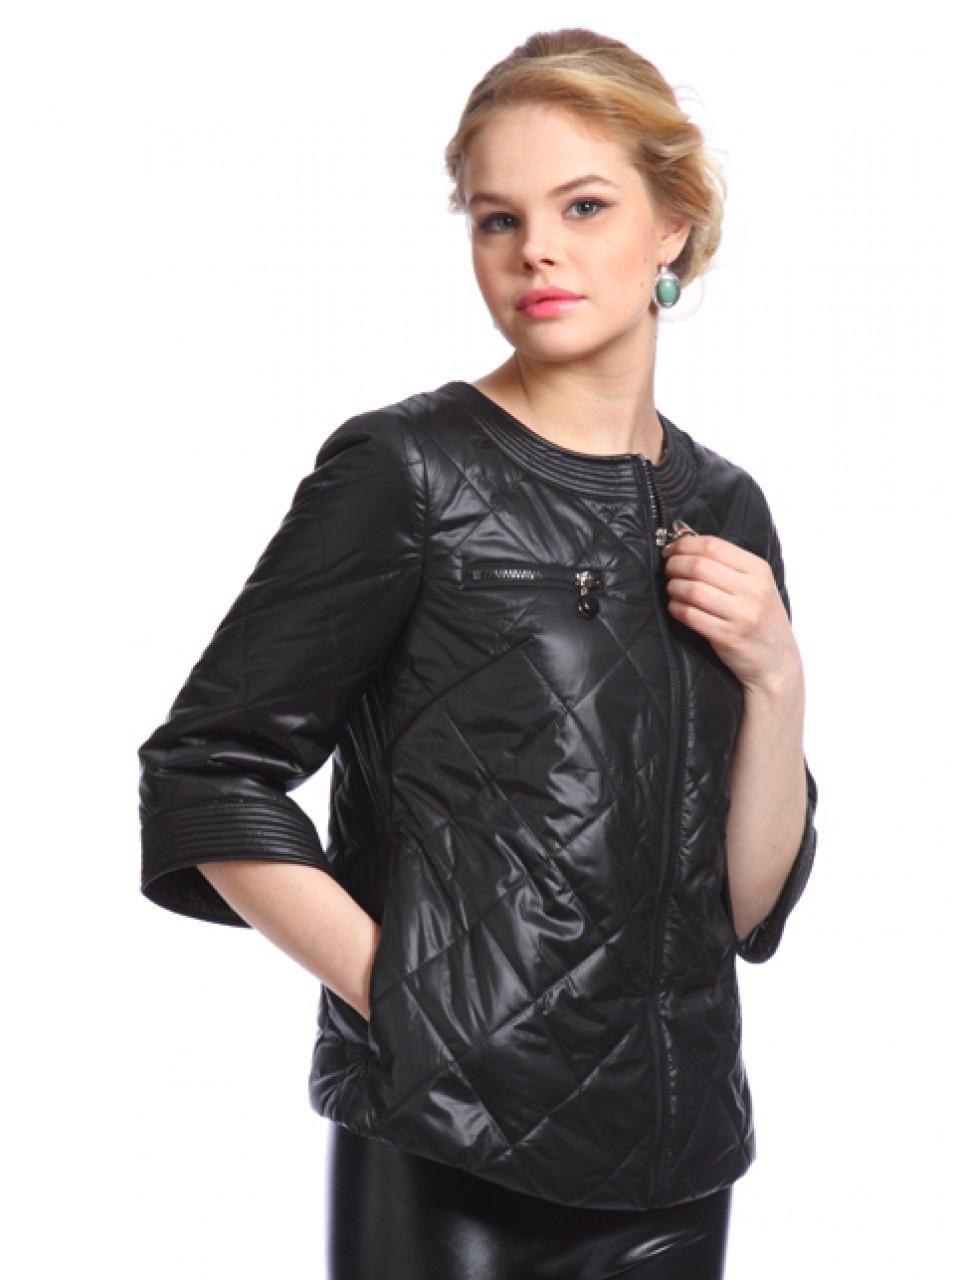 куртка с кожаными рукавами женская картинки электронная